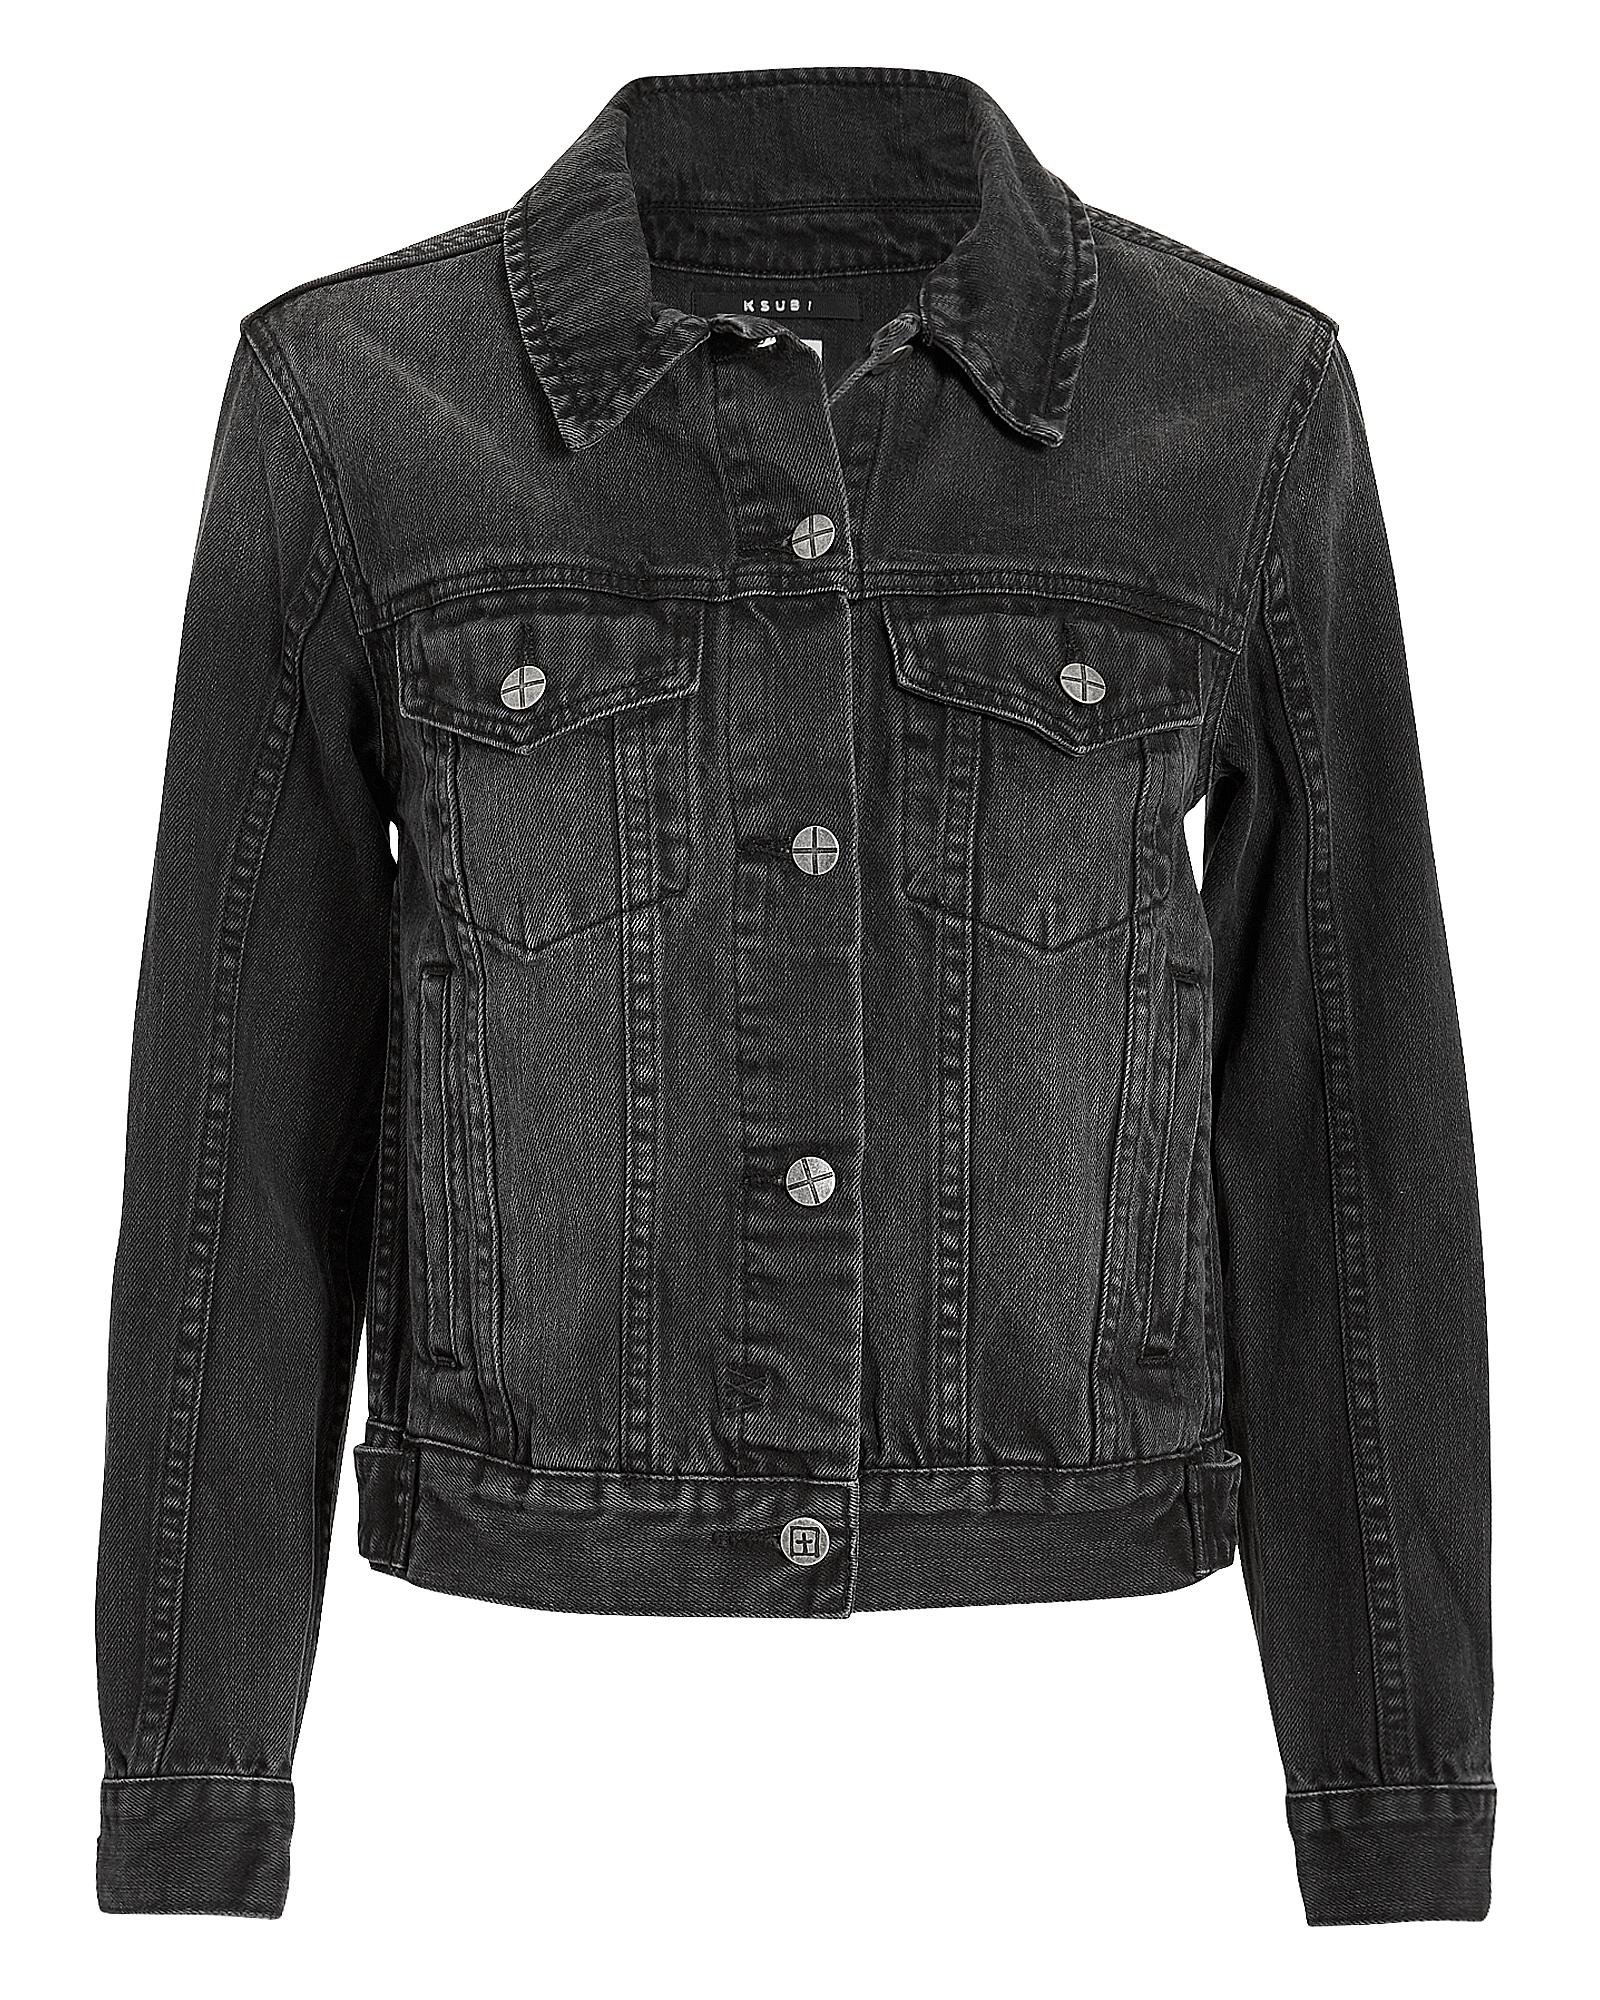 Classic Black Jean Jacket Black Deni